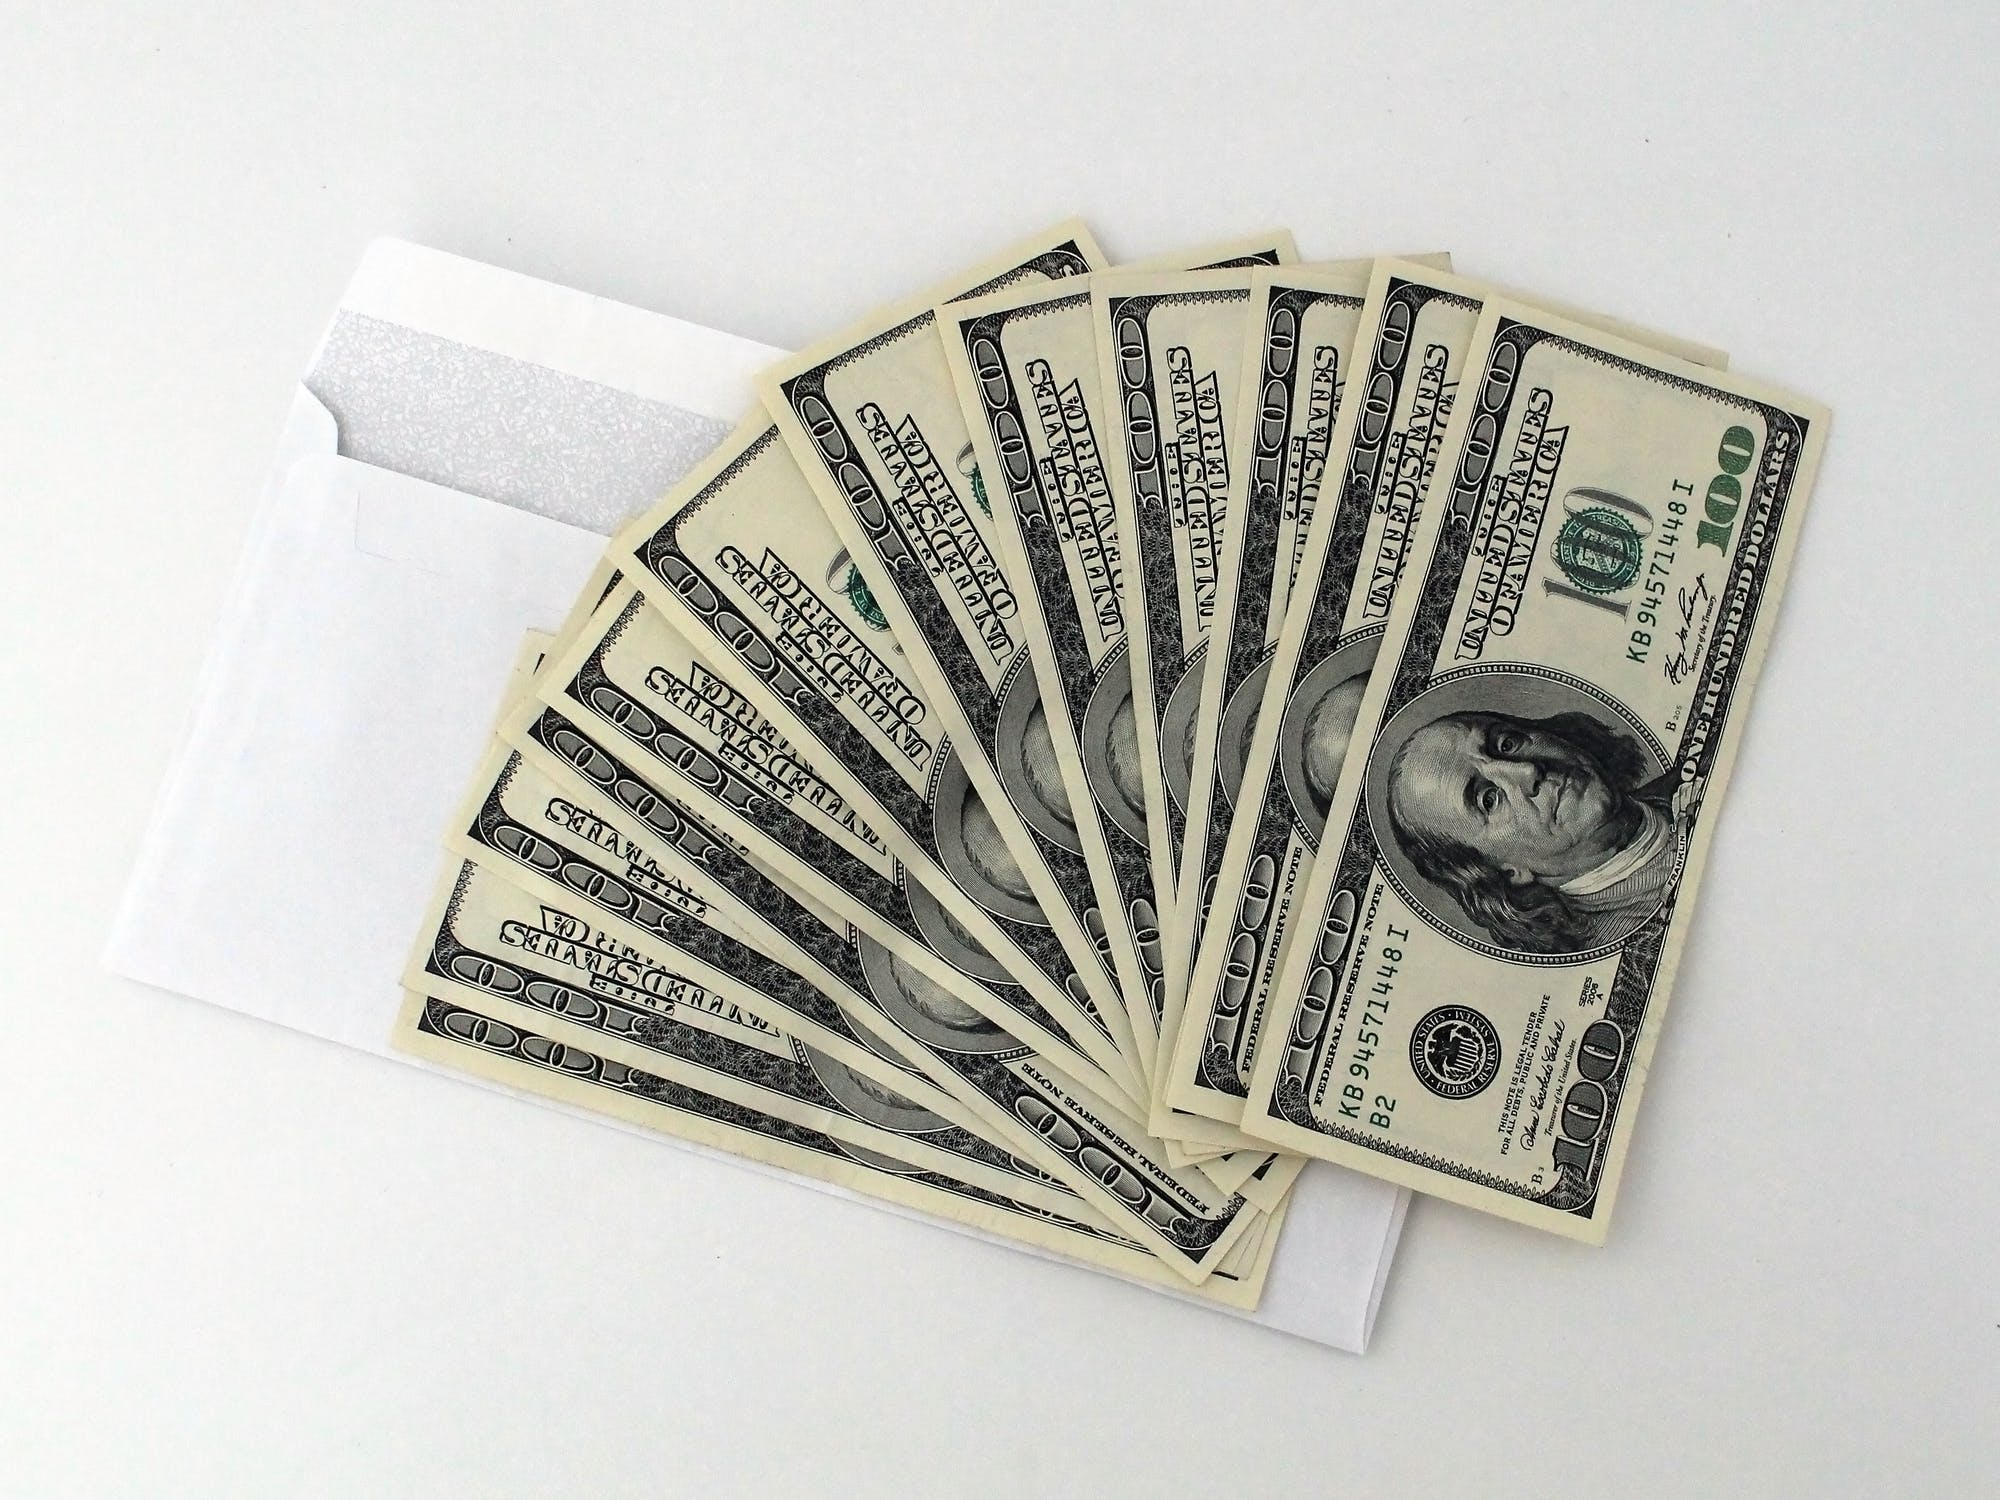 Lichwiarskie pożyczki karane będą więzieniem